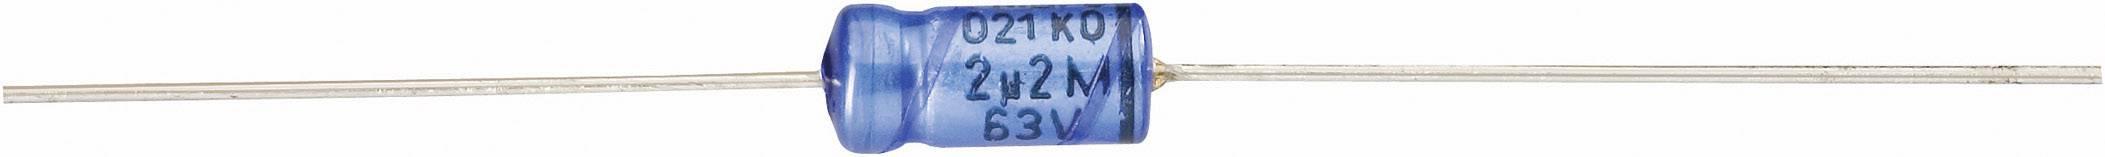 Elektrolytický kondenzátor Vishay 2222 021 17222, 2200 µF, 40 V, 20 %, 1 ks